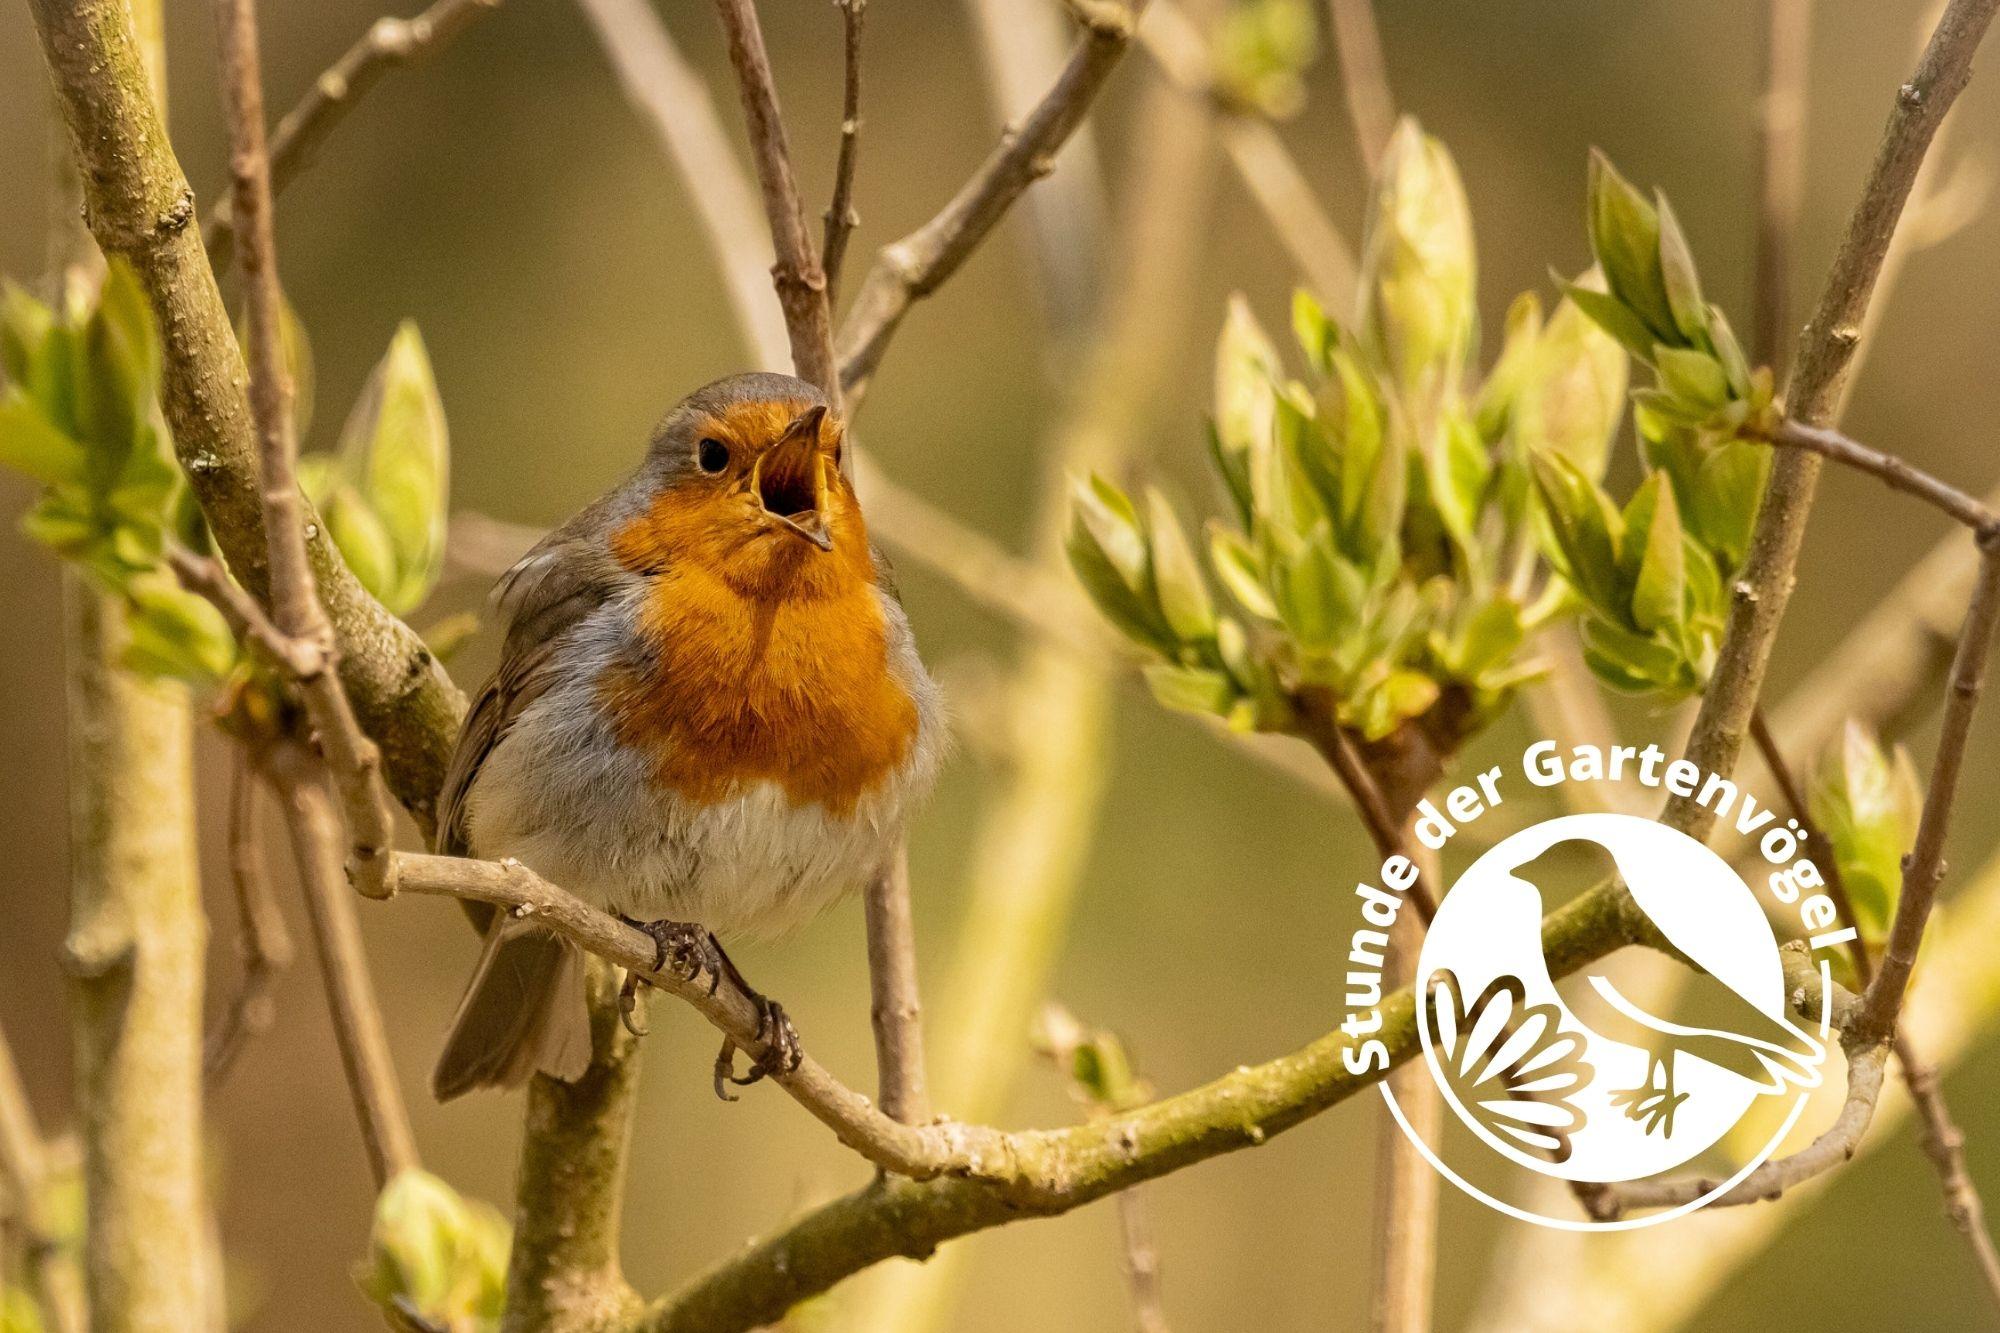 Stunde Der Gartenvogel 2021 Fazit Tag 1 Rotkehlchen Geniesst Vogel Des Jahres Bonus Lbv Gemeinsam Bayerns Natur Schutzen